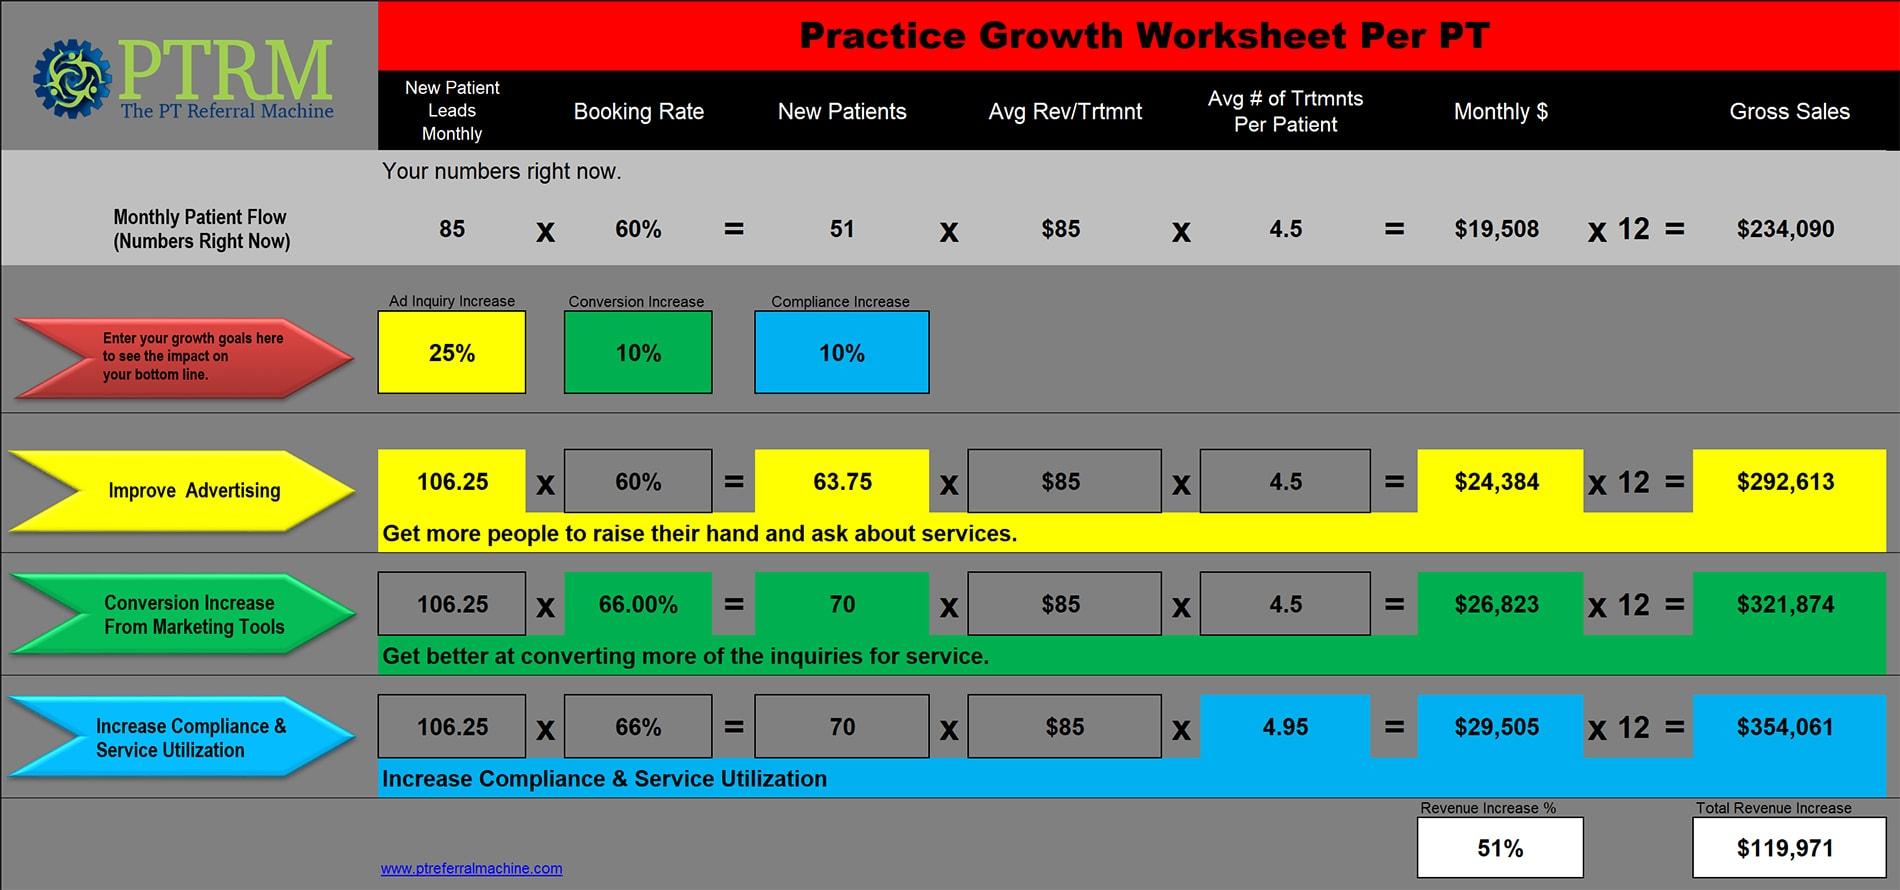 Practice Growth Worksheet